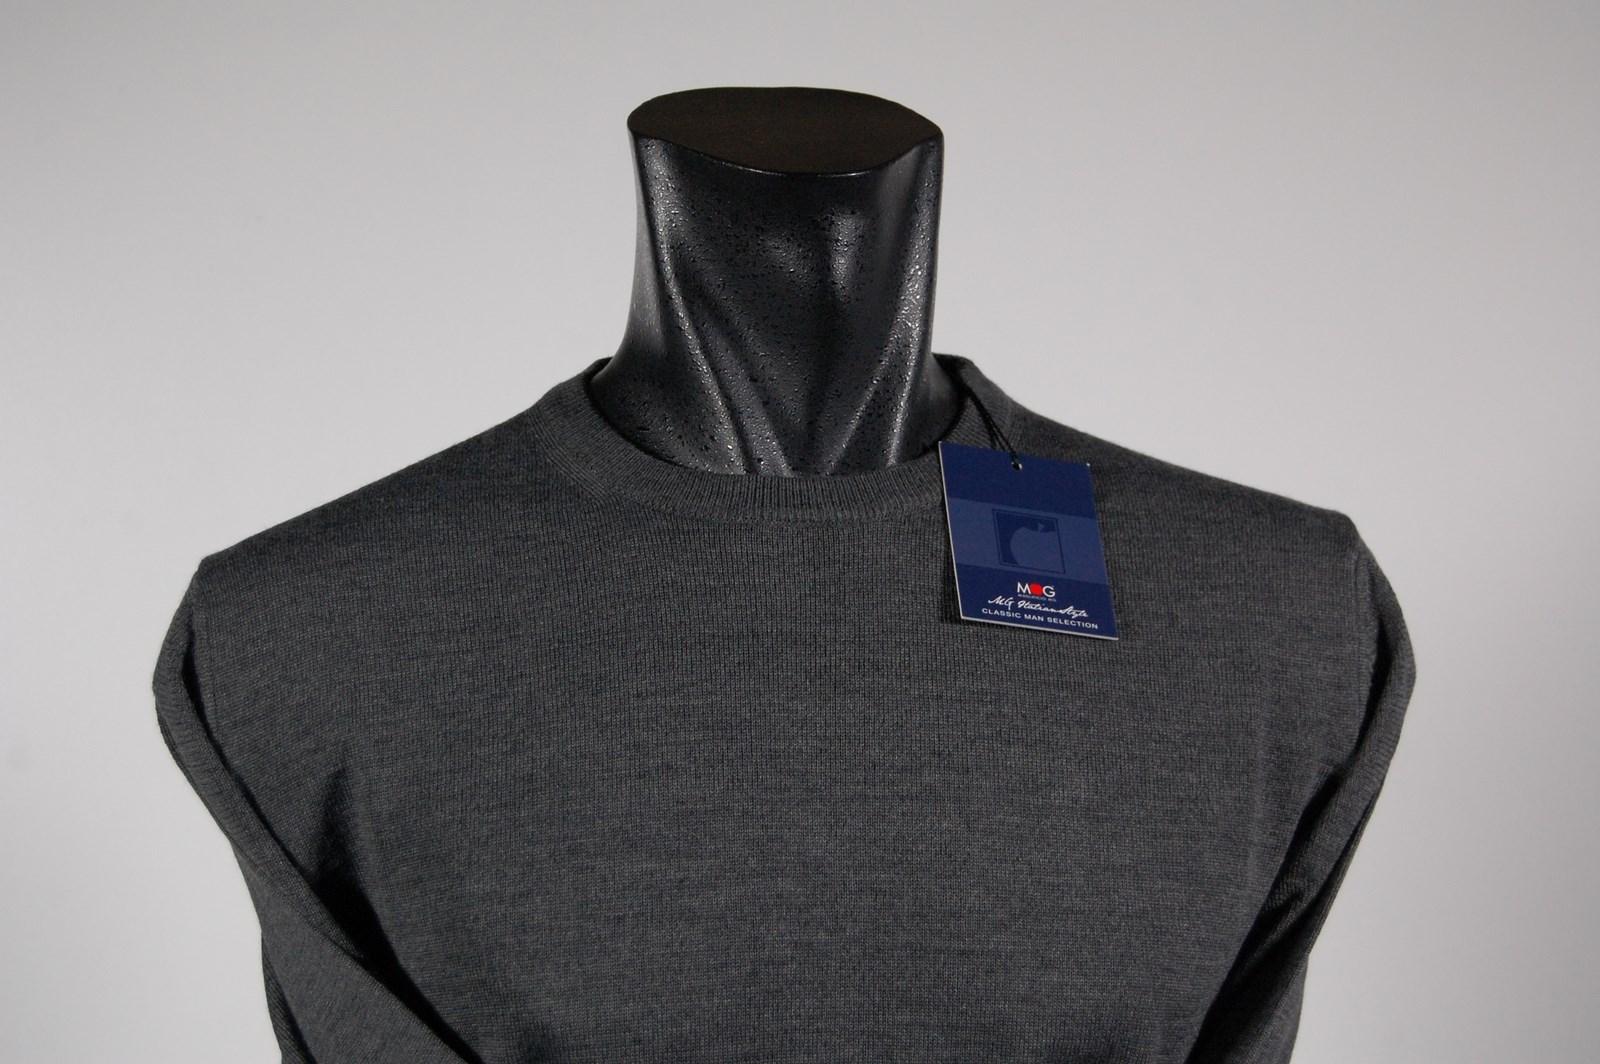 79692c54b2 Maglione uomo MG in misto lana rasata a giro collo quattro colori ...